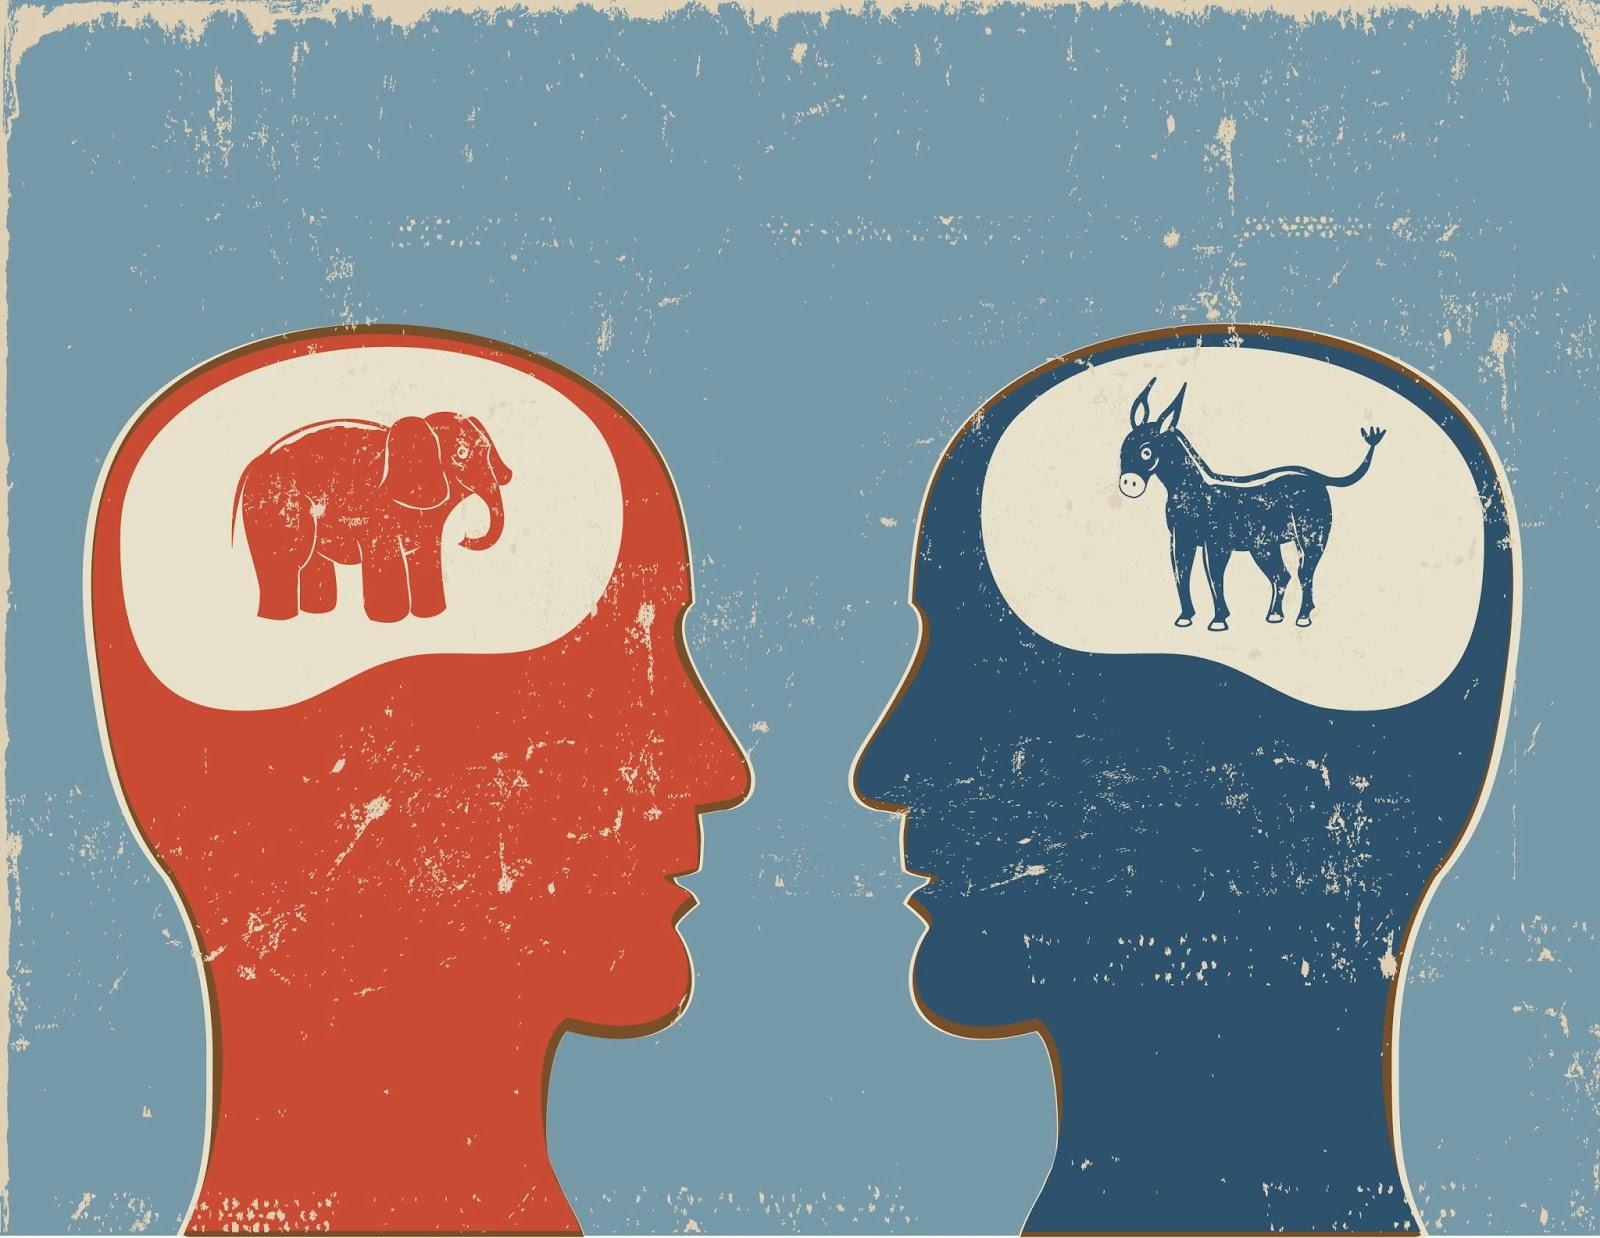 10 sesgos cognitivos que manipulan tu opinión sin que te des cuenta ...